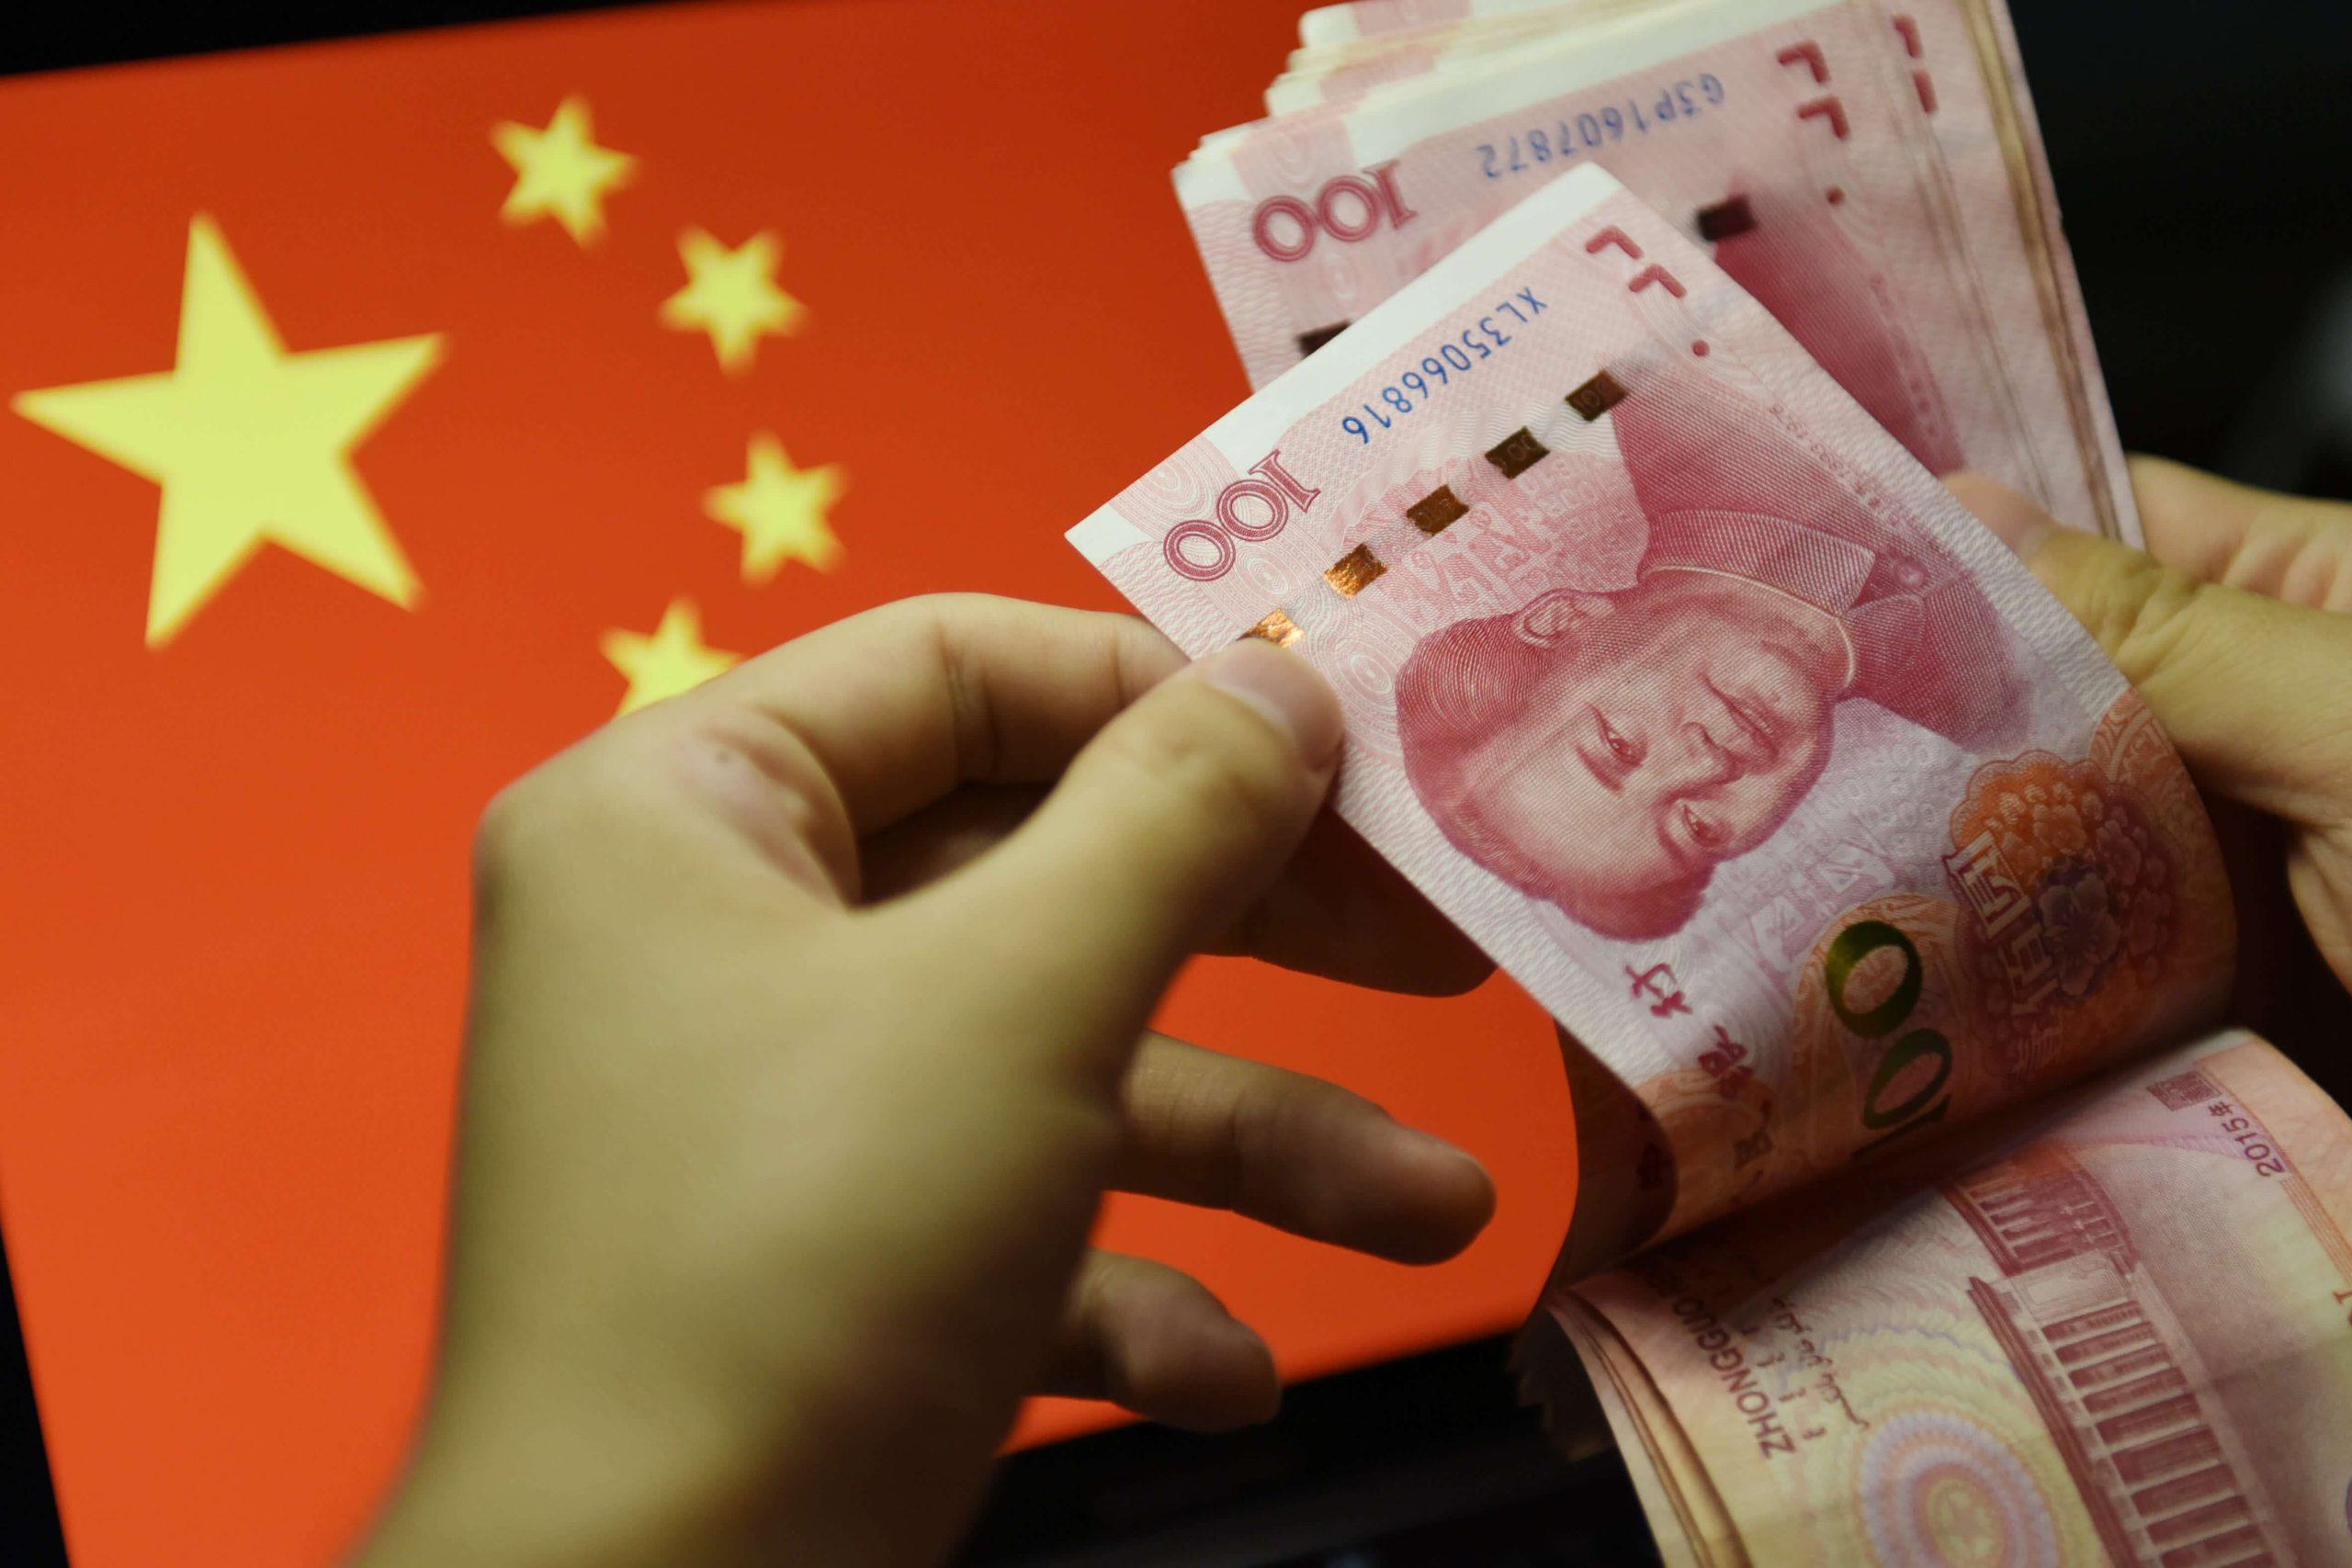 دولت چین ۴۰ میلیون دلار یوان دیجیتال بین شهروندان خود توزیع کرد